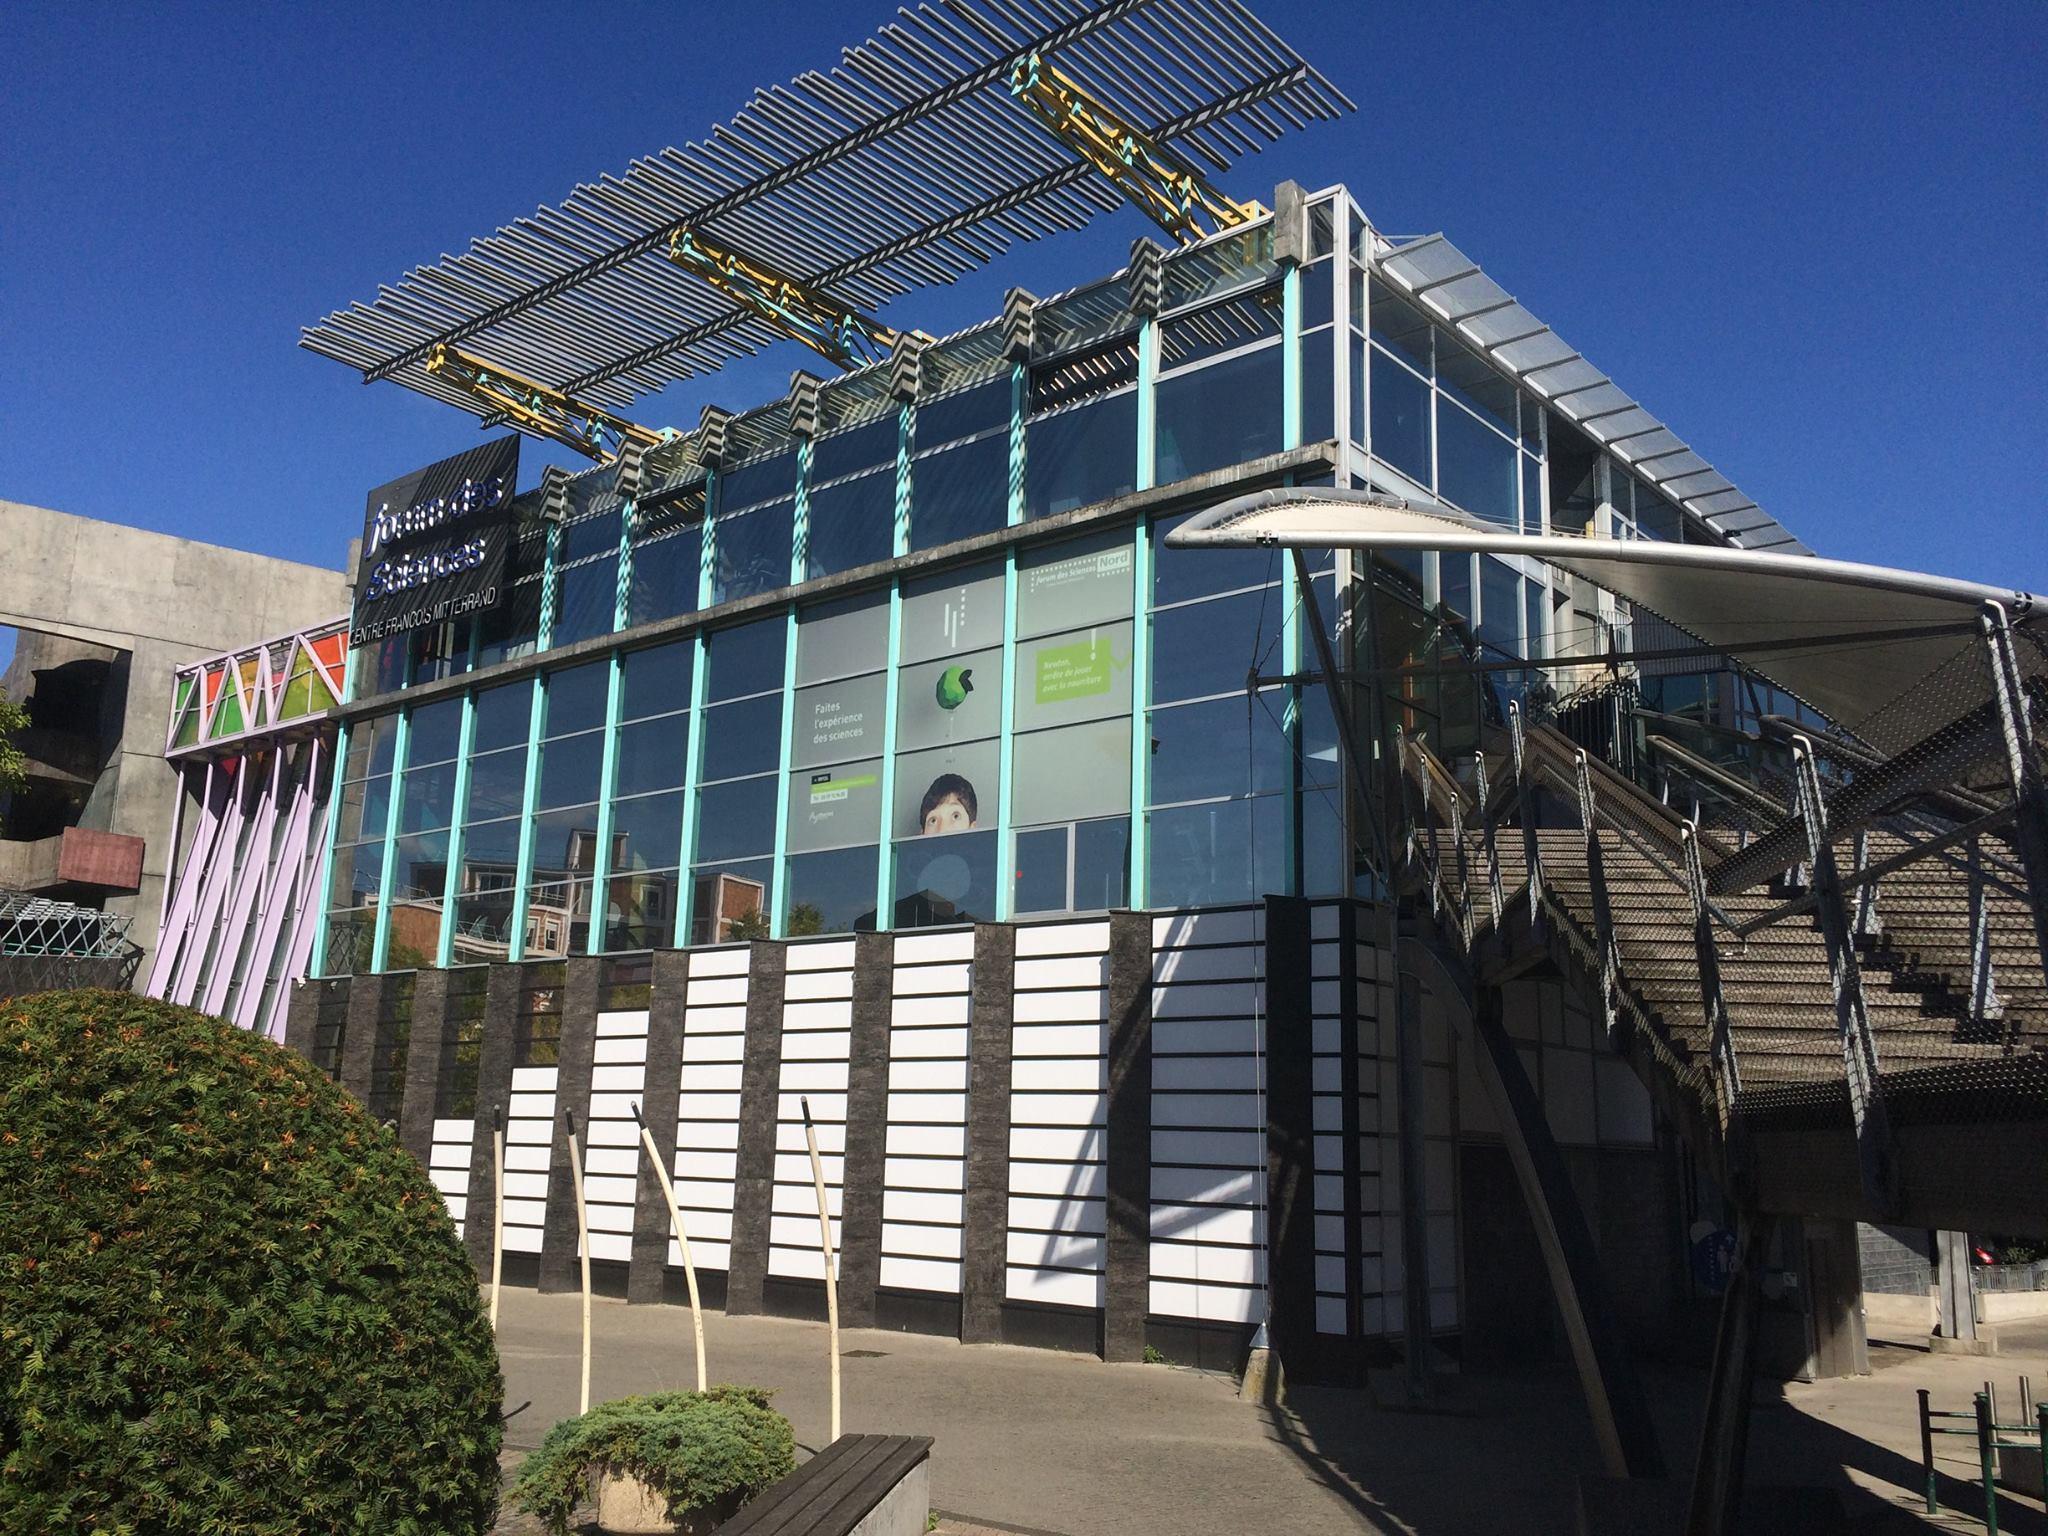 Le Forum départemental des sciences de Villeneuve-d'Ascq